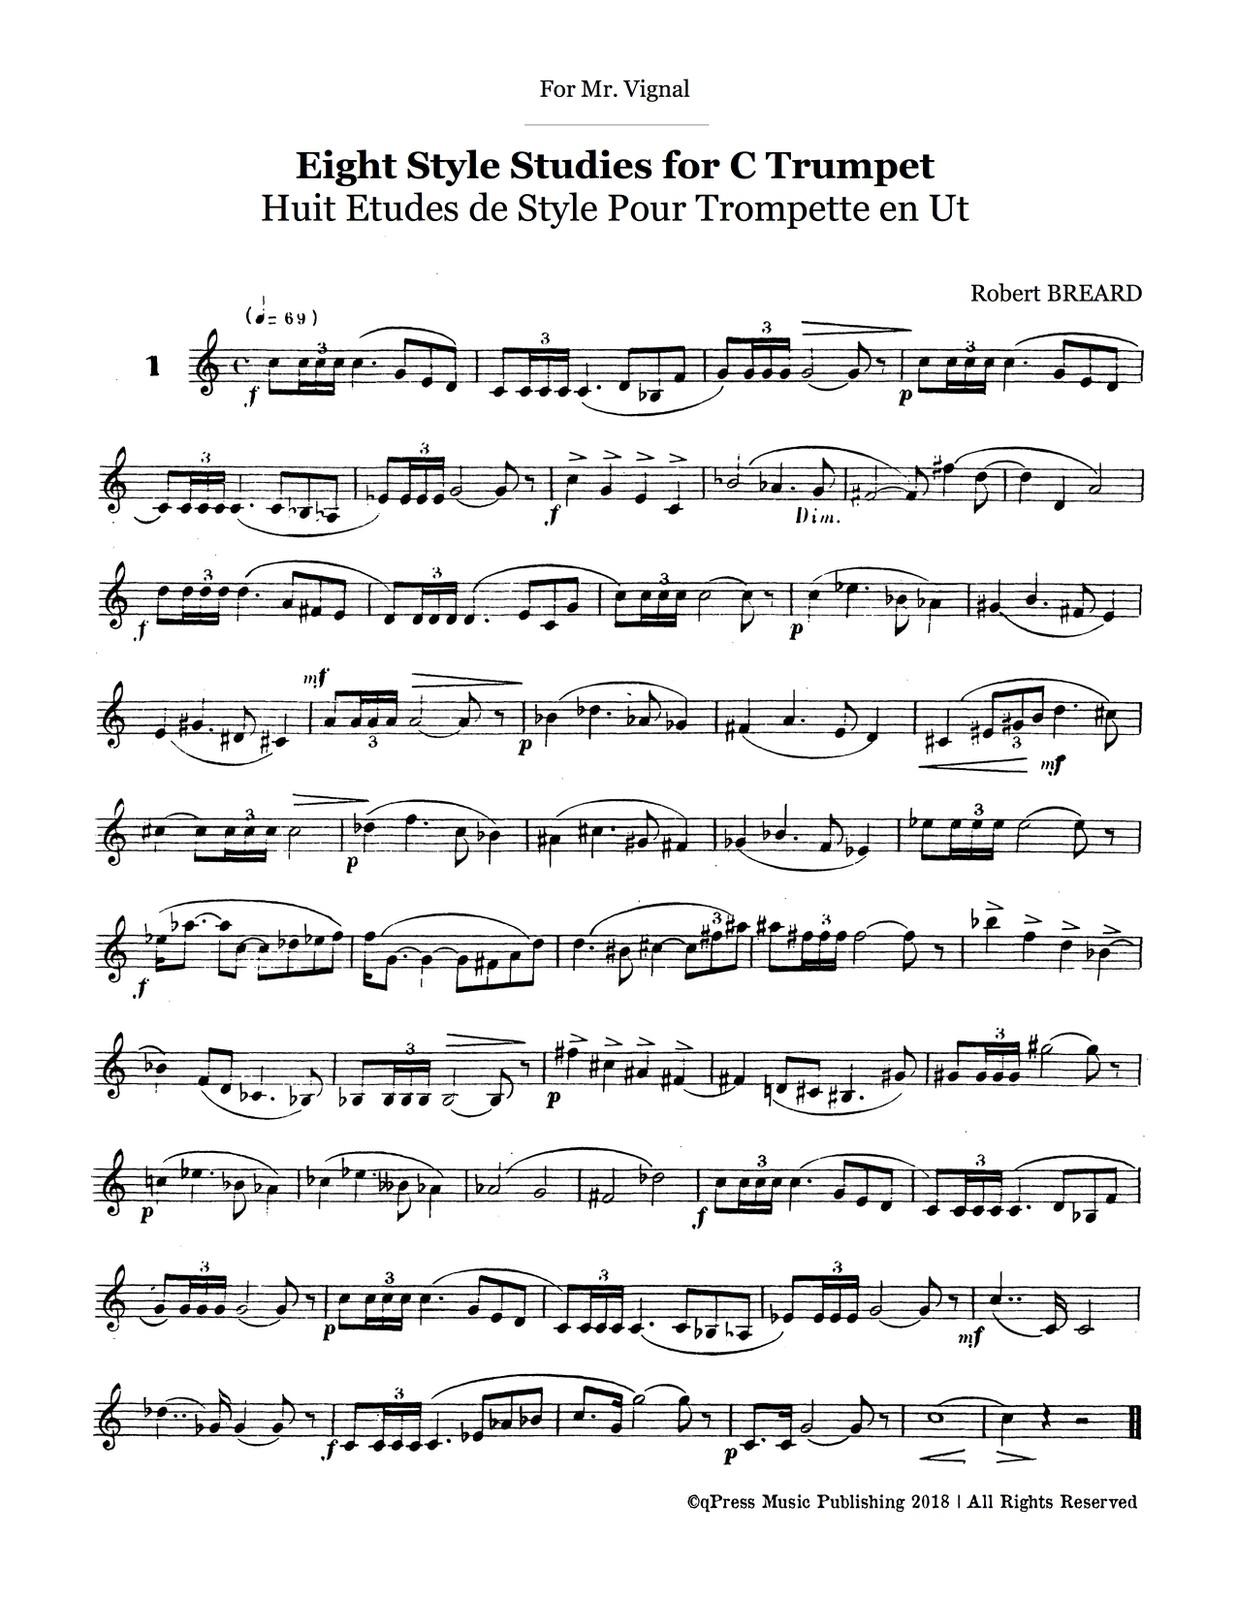 Breard, Robert, Huit Etudes de Style for C Trumpet-p03